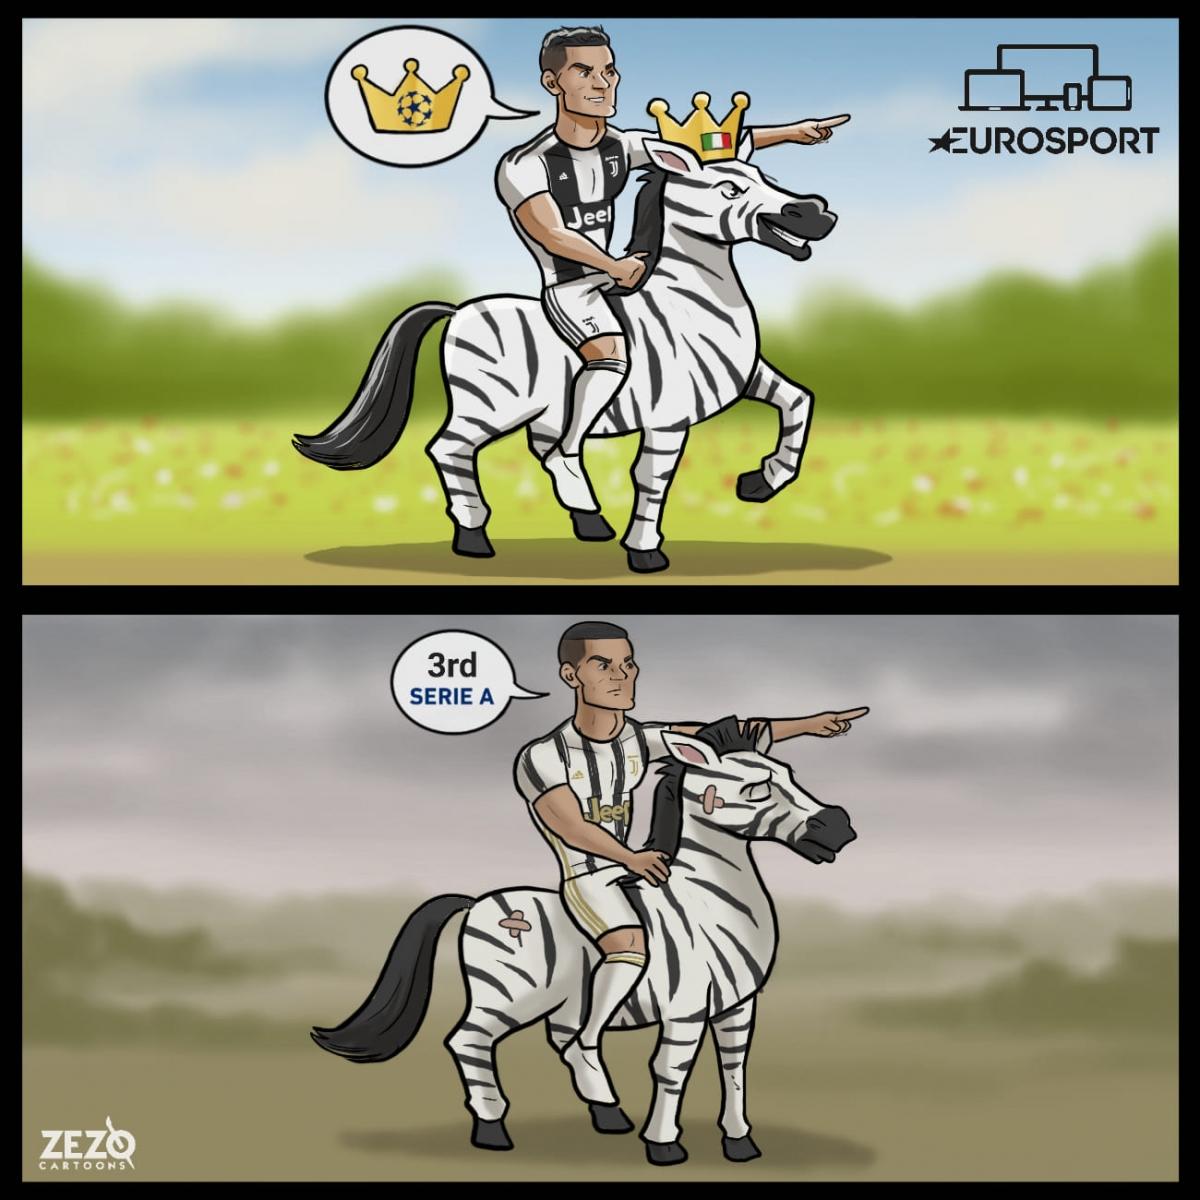 """Cristiano Ronaldo và hành trình """"phú quý giật lùi"""" cùng Juventus. (Ảnh: ZEZO Cartoons)"""